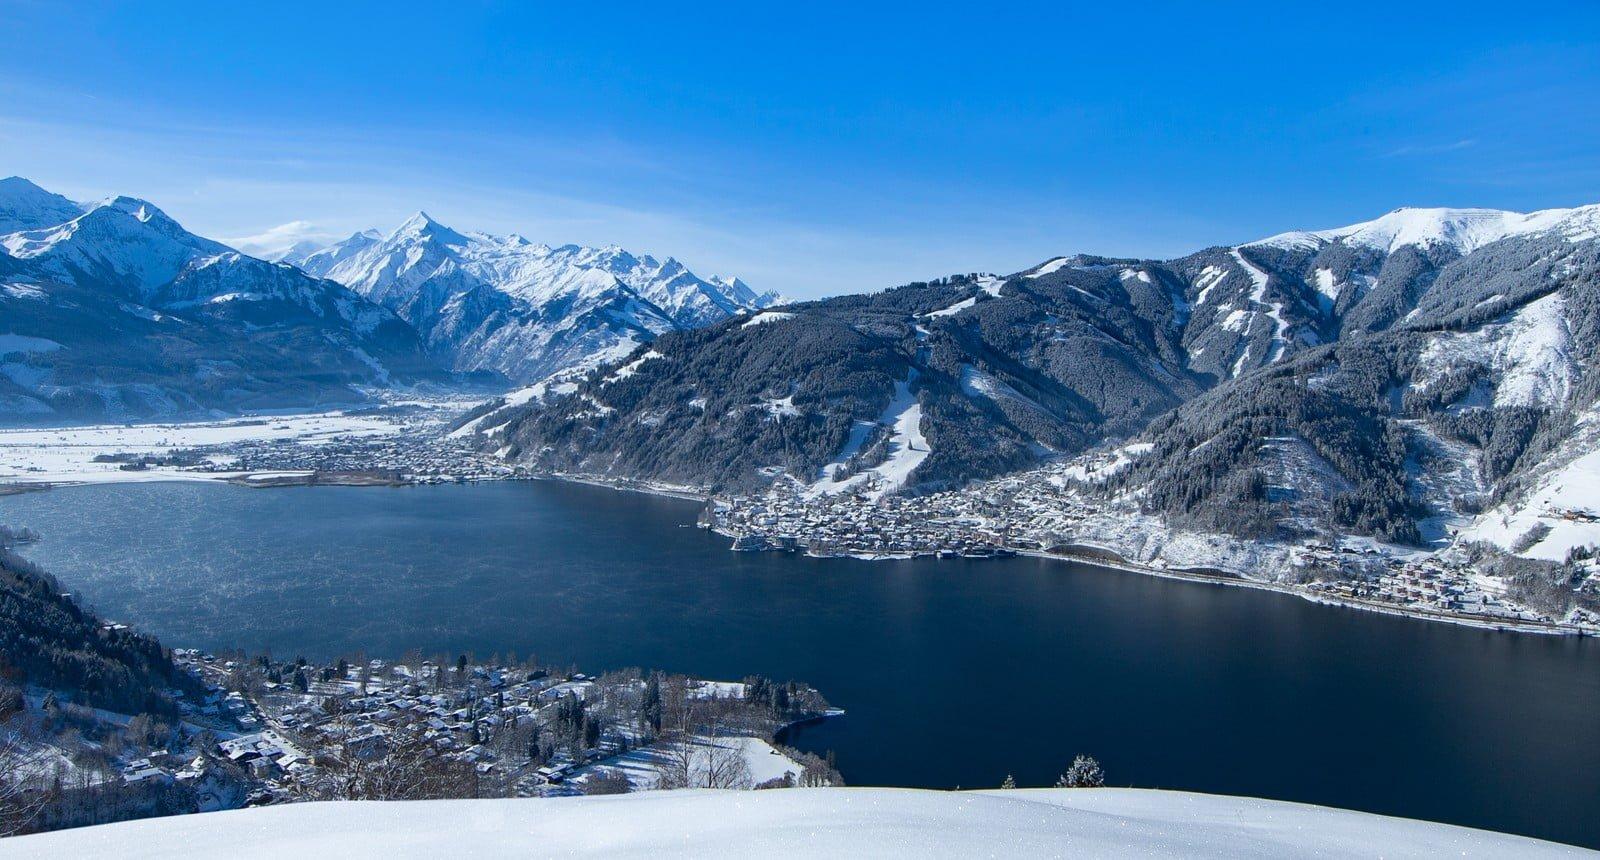 Zell am See winter